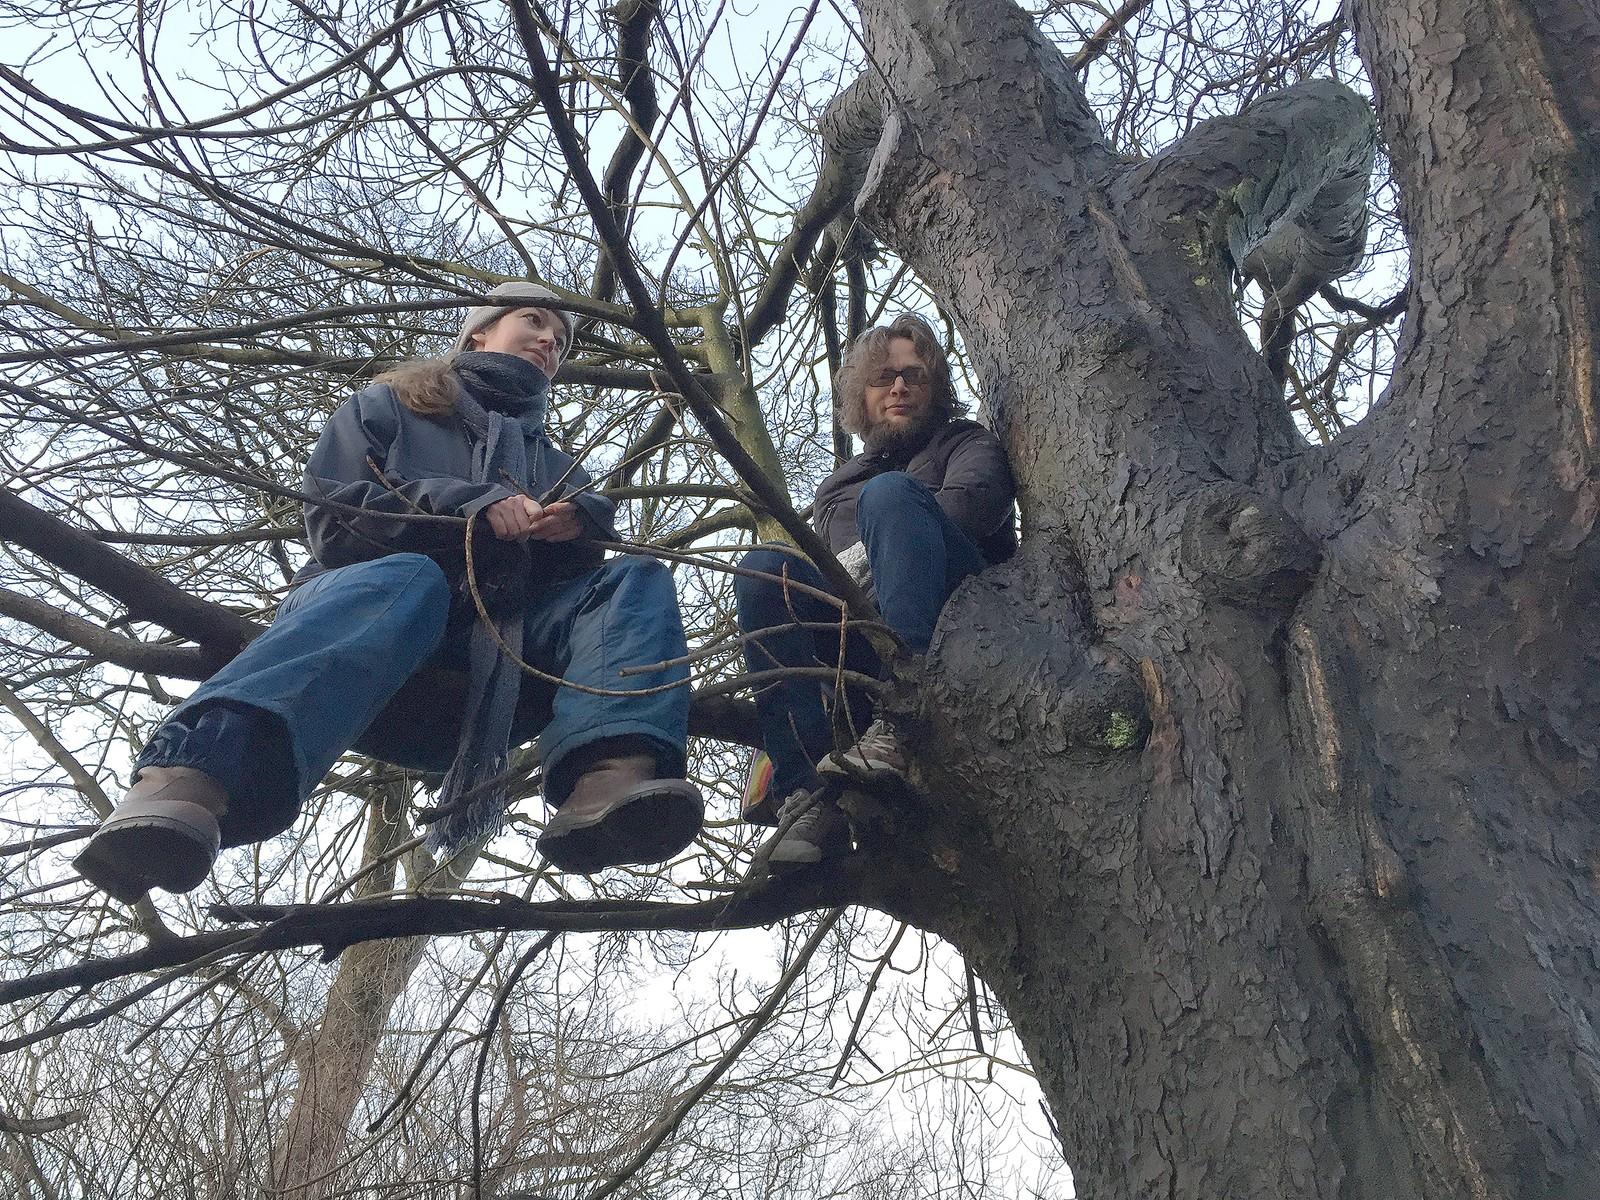 Da entreprenøren møtte opp for å hugge ned trær i den grønne lungen i Jekteviken i Bergen, ble de møtt av bystyrepolitiker Sondre Båtstrand (MDG), her til høyre, og Johanna Vatne som hadde klatret opp i dette treet i protest.